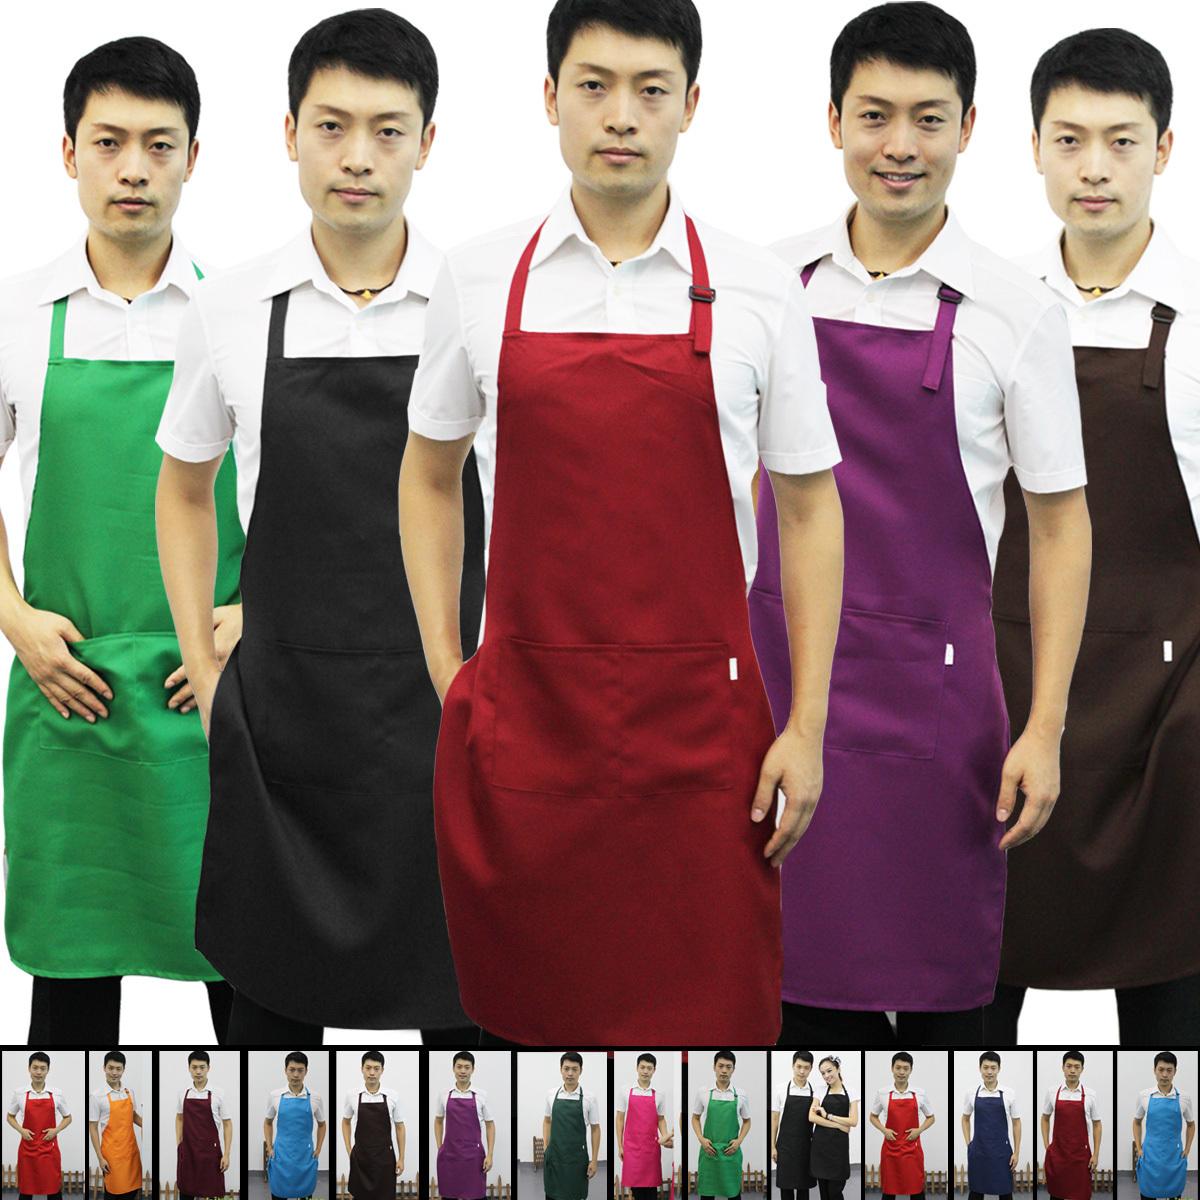 餐厅家居情侣男款围裙韩版时尚厨房清洁防污工作服围腰满百包邮